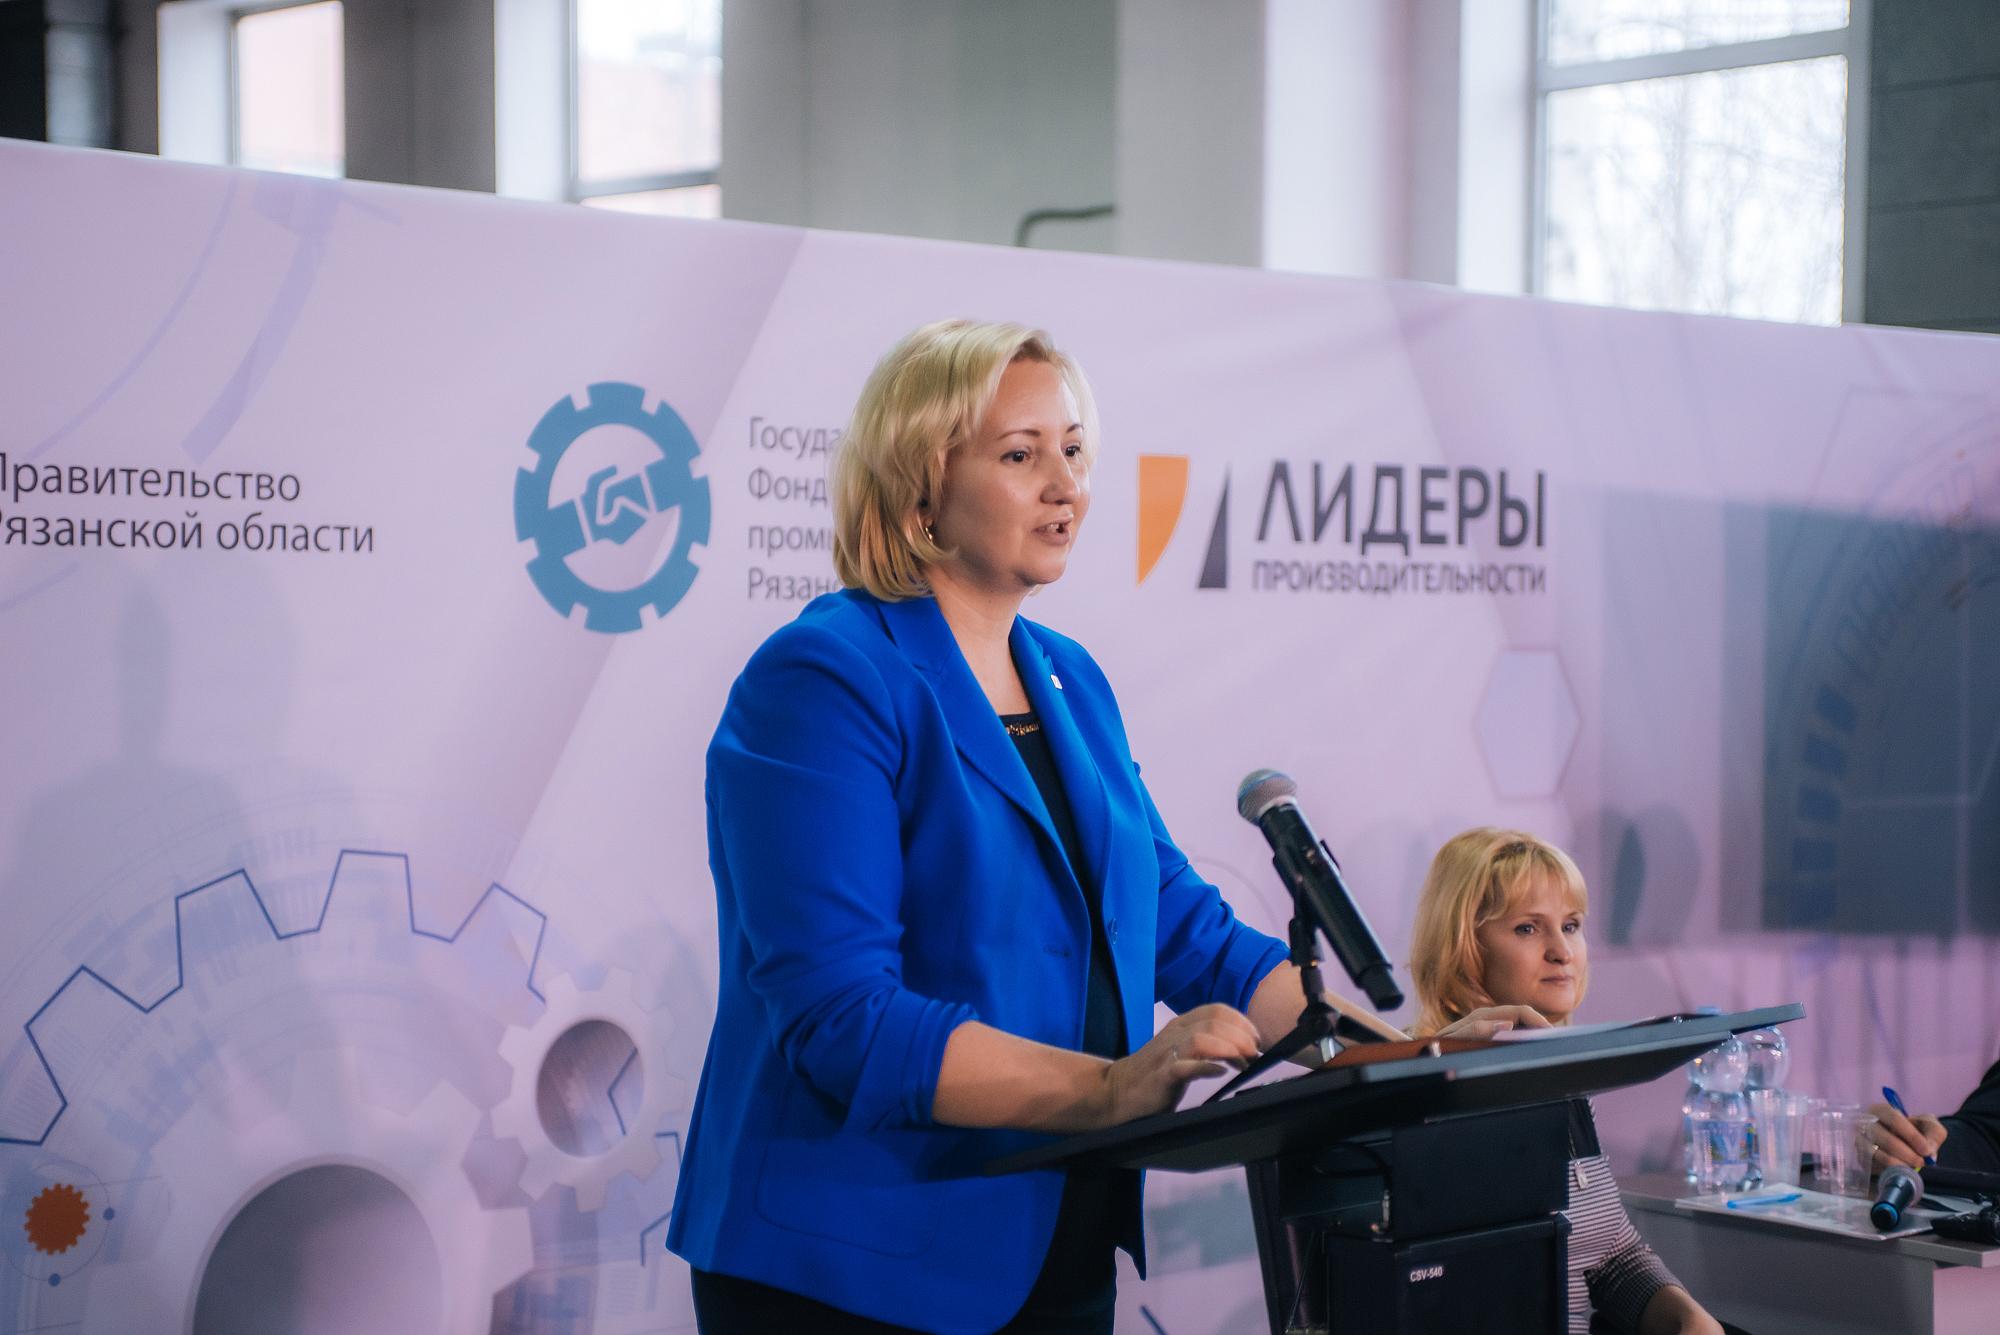 Самарских управленцев приглашают стать участниками Всероссийского сообщества «Лидеры производительности»